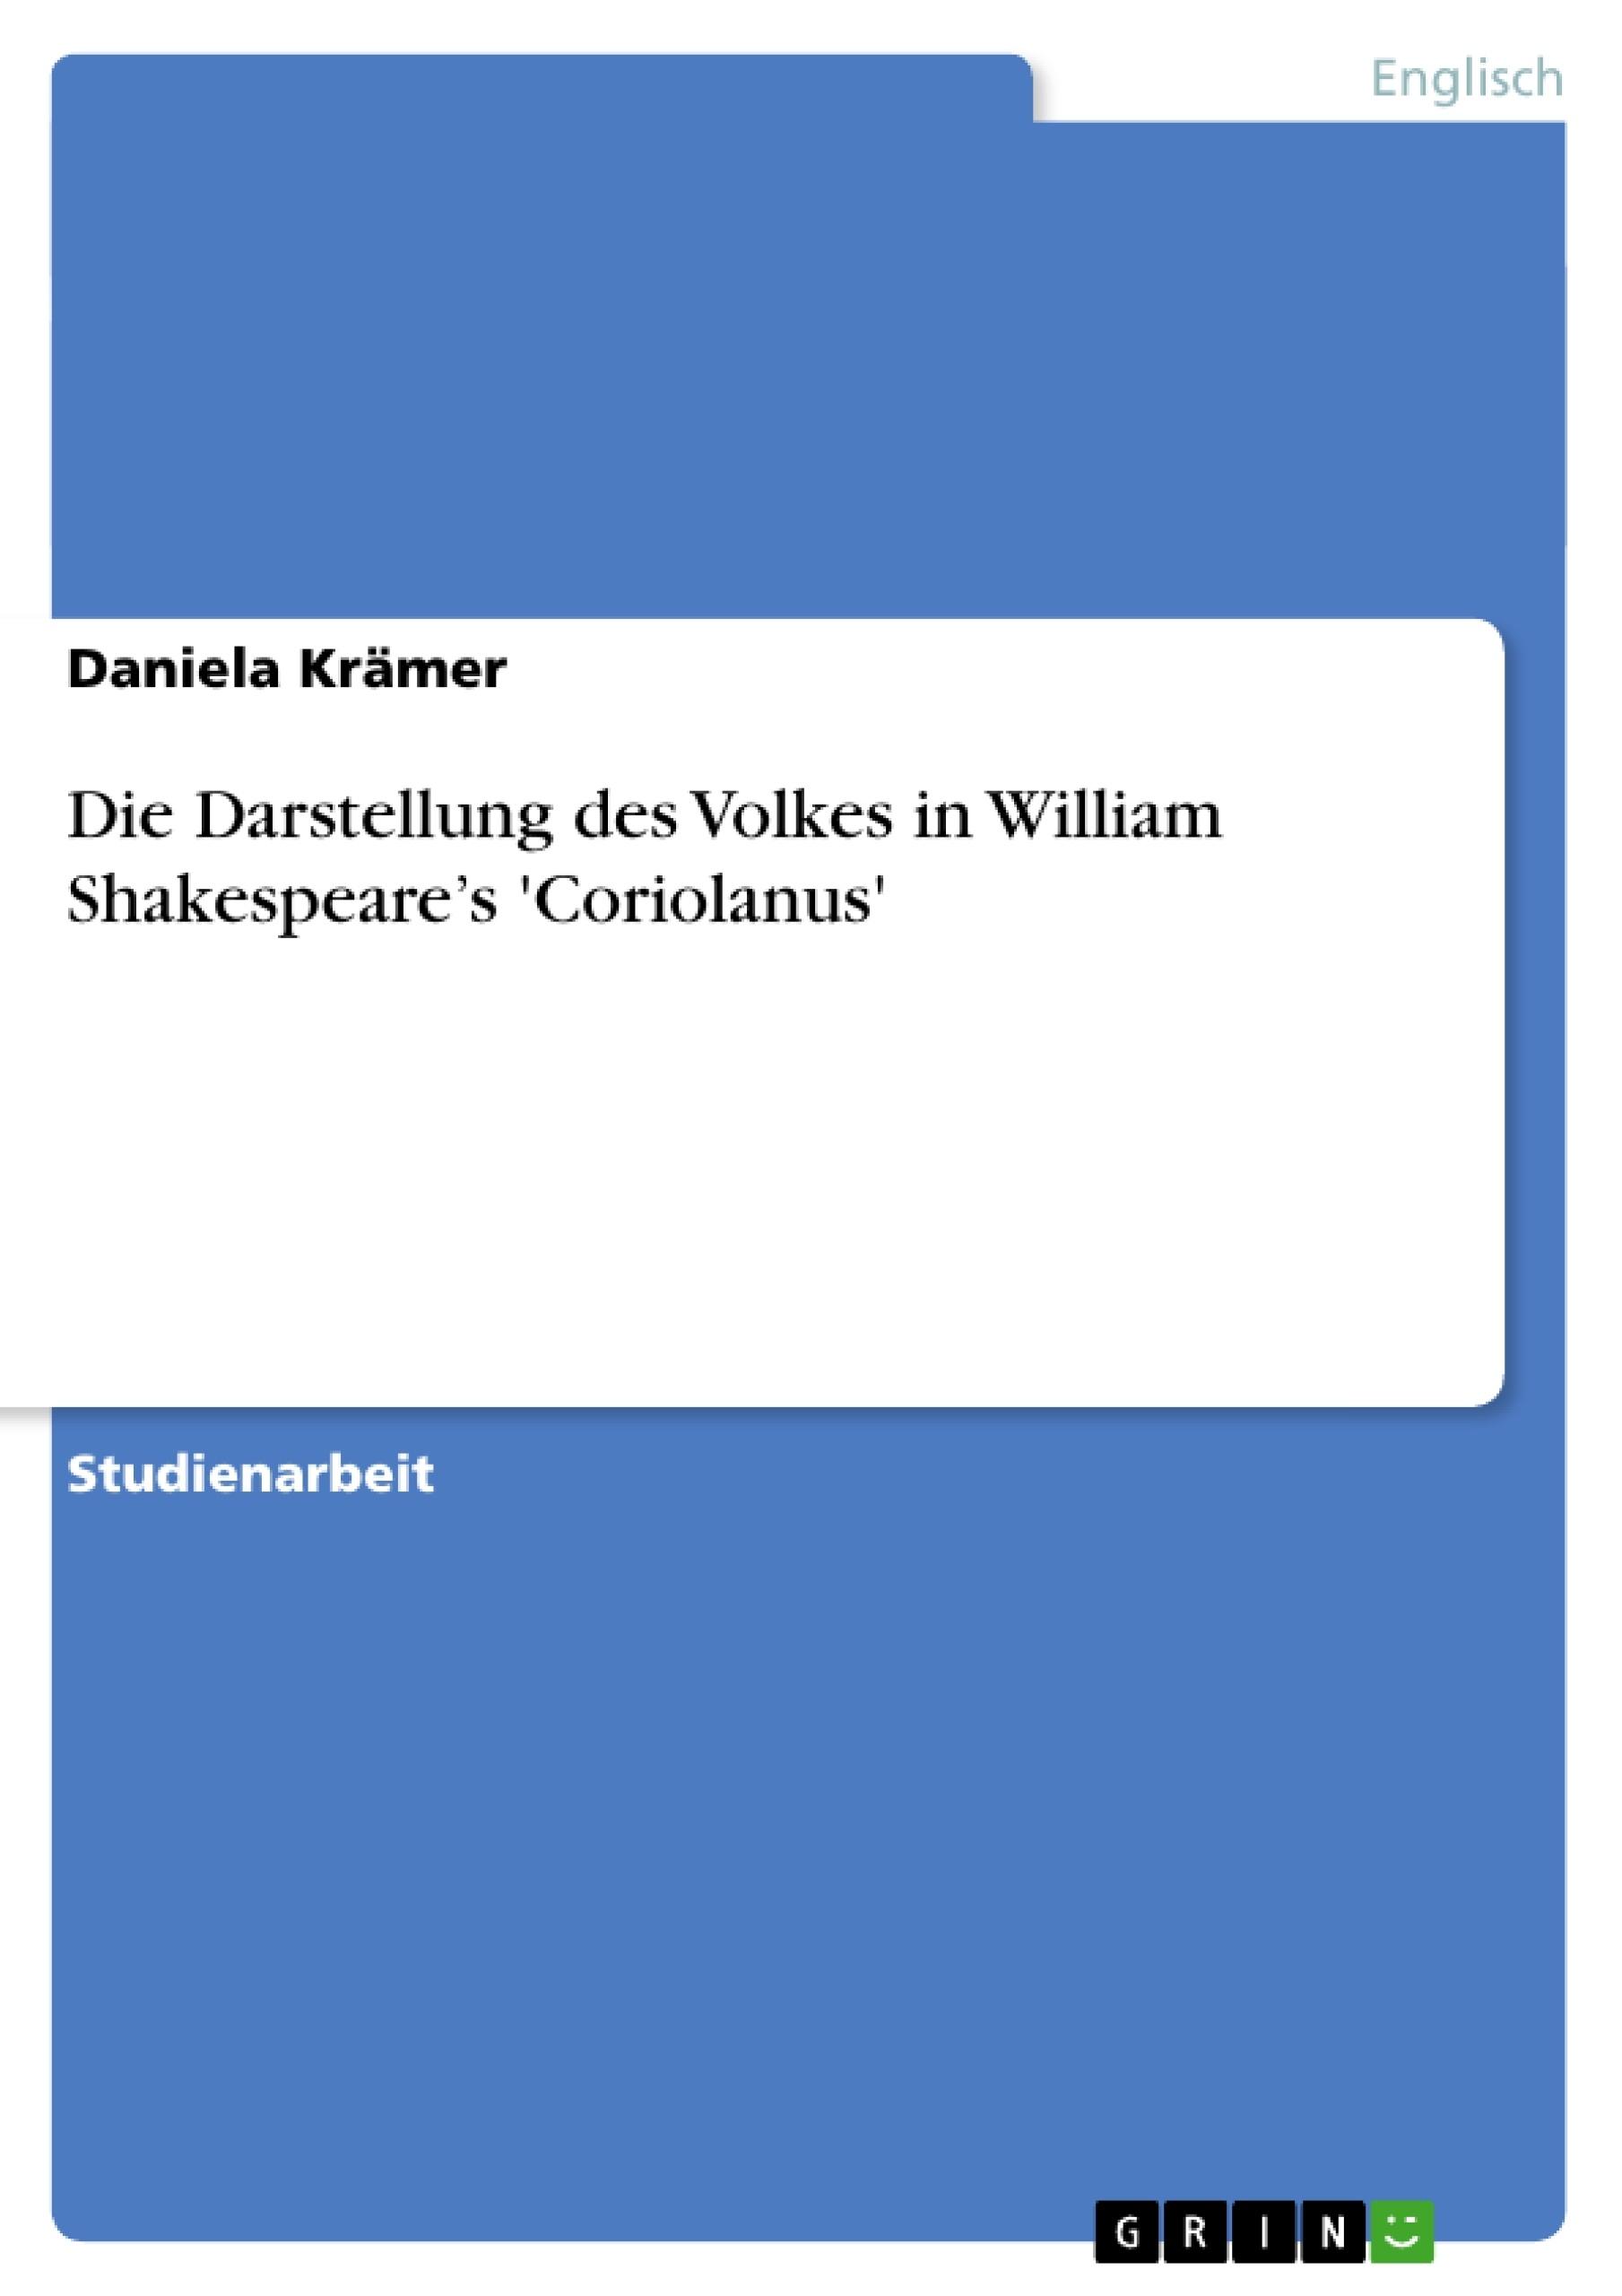 Titel: Die Darstellung des Volkes in William Shakespeare's 'Coriolanus'